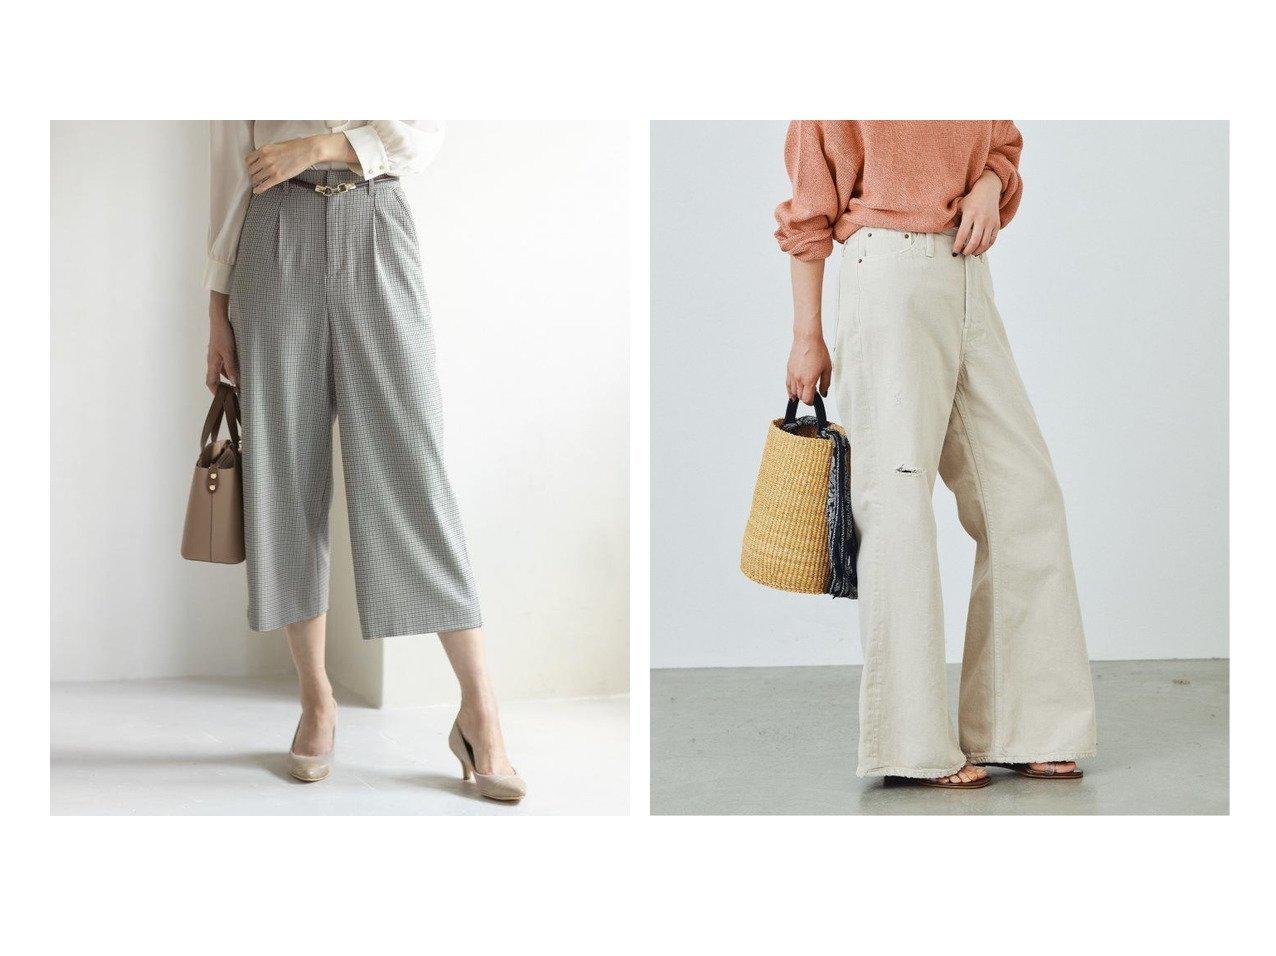 【any SiS/エニィ スィス】の2WAYレディ ワイドパンツ&【Plage/プラージュ】のダメージデニム パンツ パンツのおすすめ!人気、トレンド・レディースファッションの通販  おすすめで人気の流行・トレンド、ファッションの通販商品 メンズファッション・キッズファッション・インテリア・家具・レディースファッション・服の通販 founy(ファニー) https://founy.com/ ファッション Fashion レディースファッション WOMEN パンツ Pants デニムパンツ Denim Pants シンプル ストレッチ チェック 定番 Standard 人気 フェミニン ベーシック ワイド A/W 秋冬 AW Autumn/Winter / FW Fall-Winter 2021年 2021 2021 春夏 S/S SS Spring/Summer 2021 S/S 春夏 SS Spring/Summer カットオフ ダメージ デニム リメイク |ID:crp329100000018853